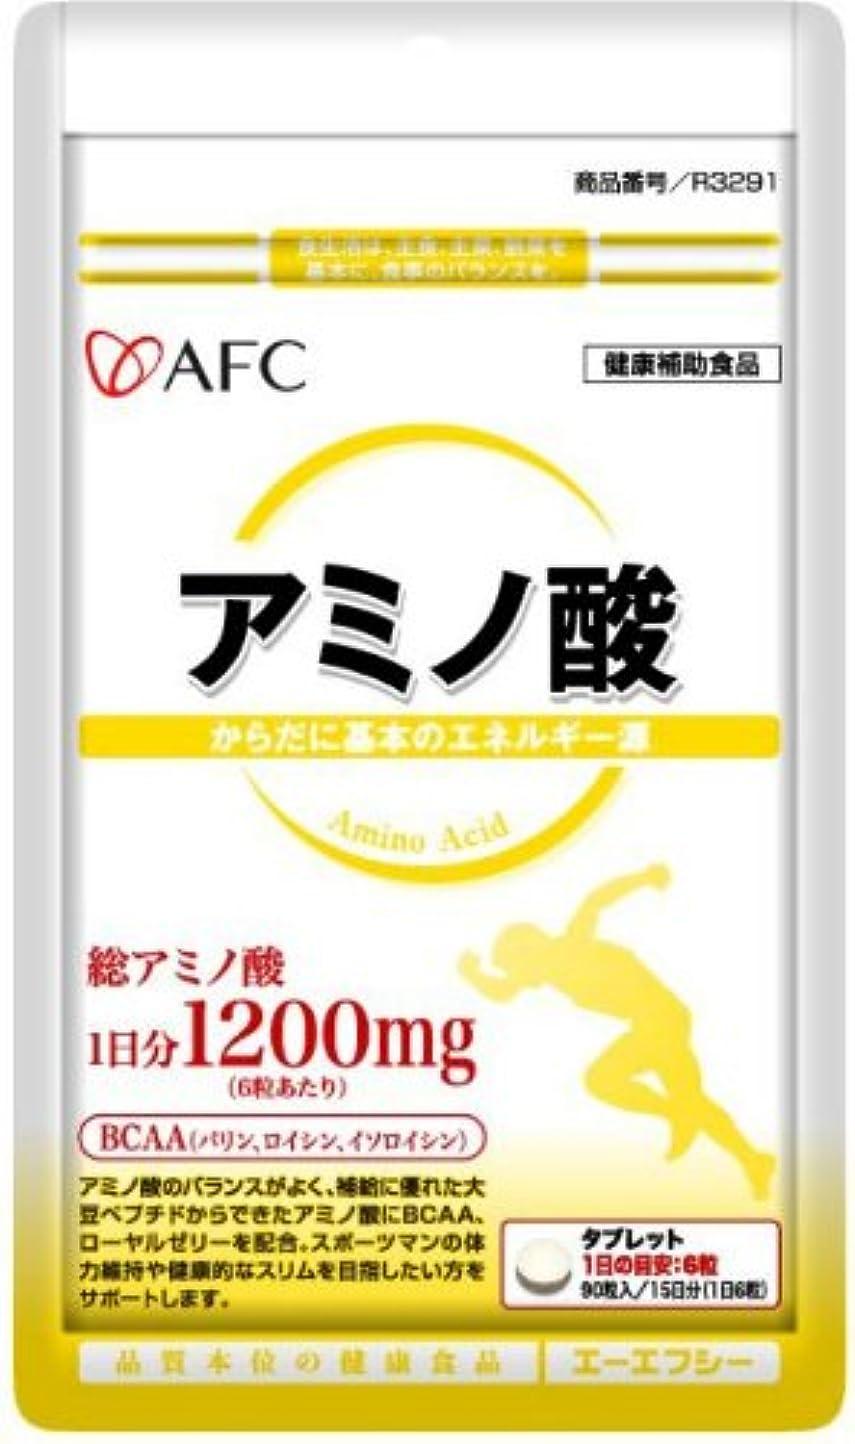 謙虚な不明瞭でもAFC 500円シリーズ アミノ酸 90粒入 (約15日分)